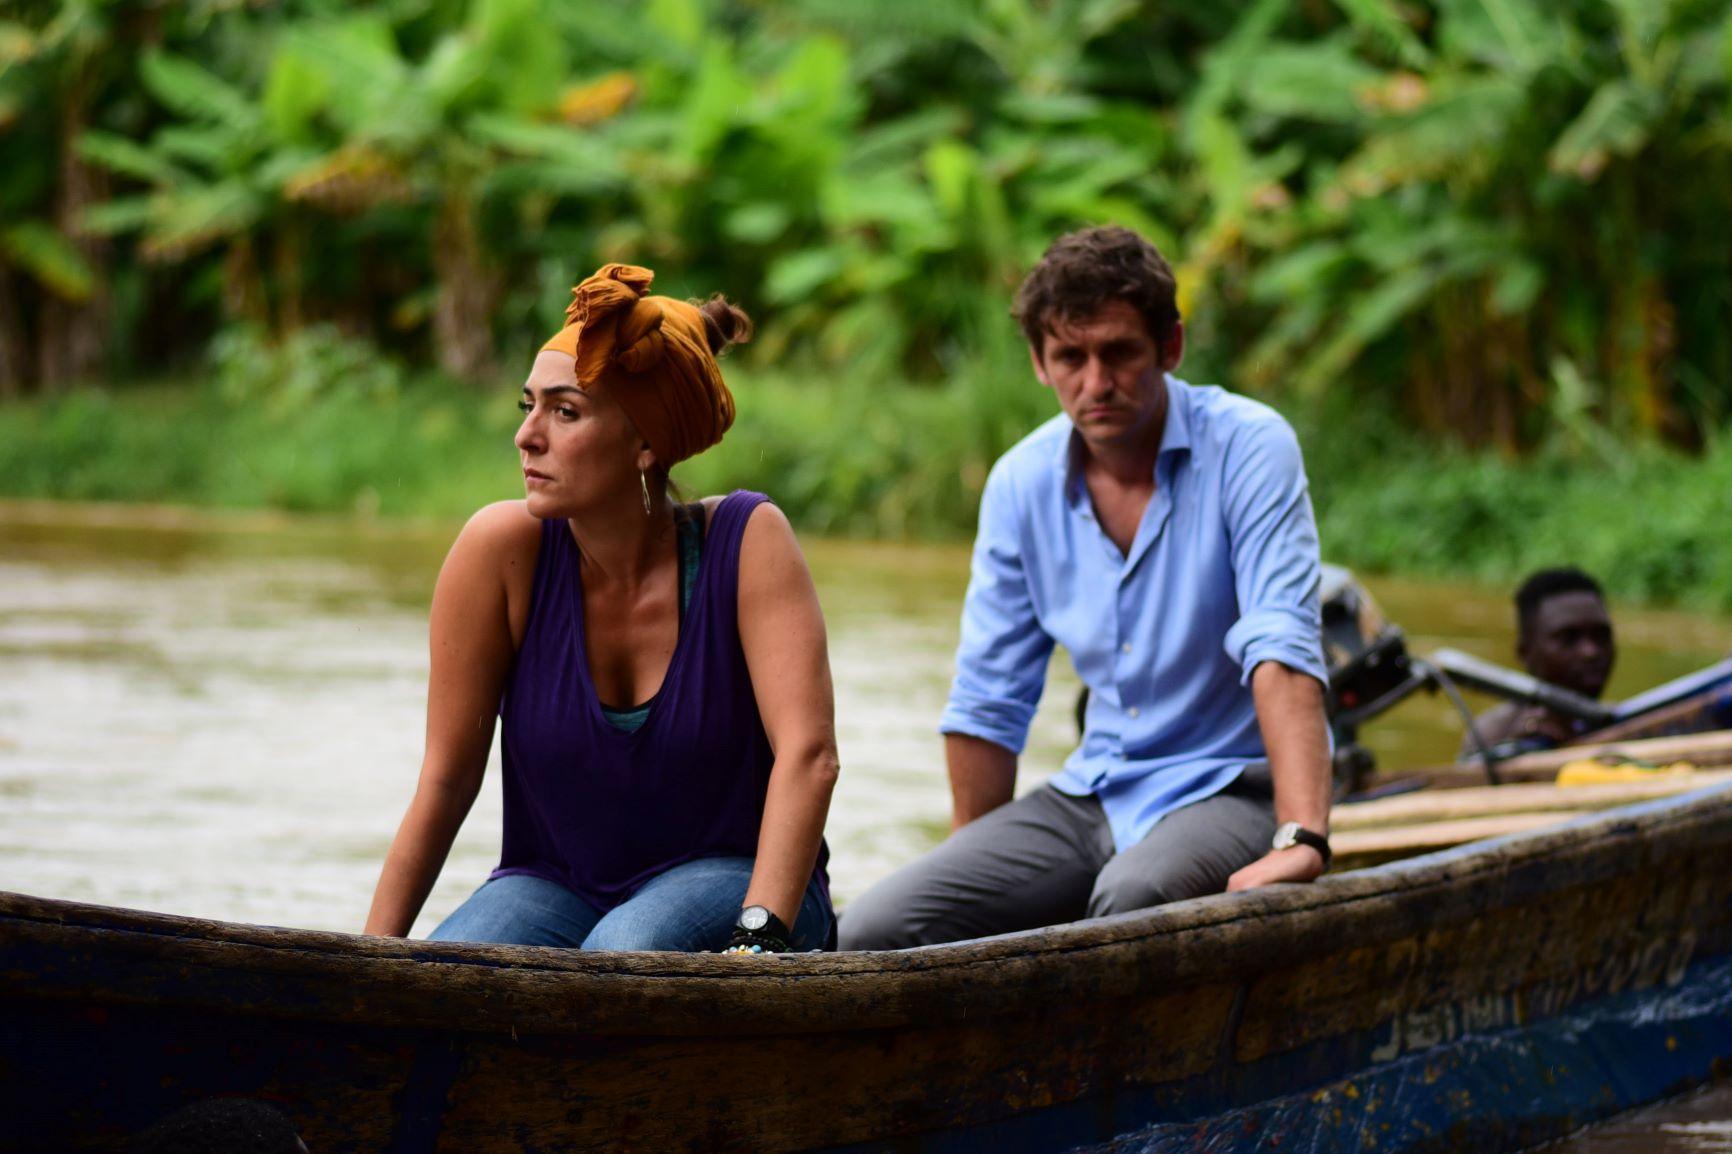 Una mujer y un hombre en una canoa